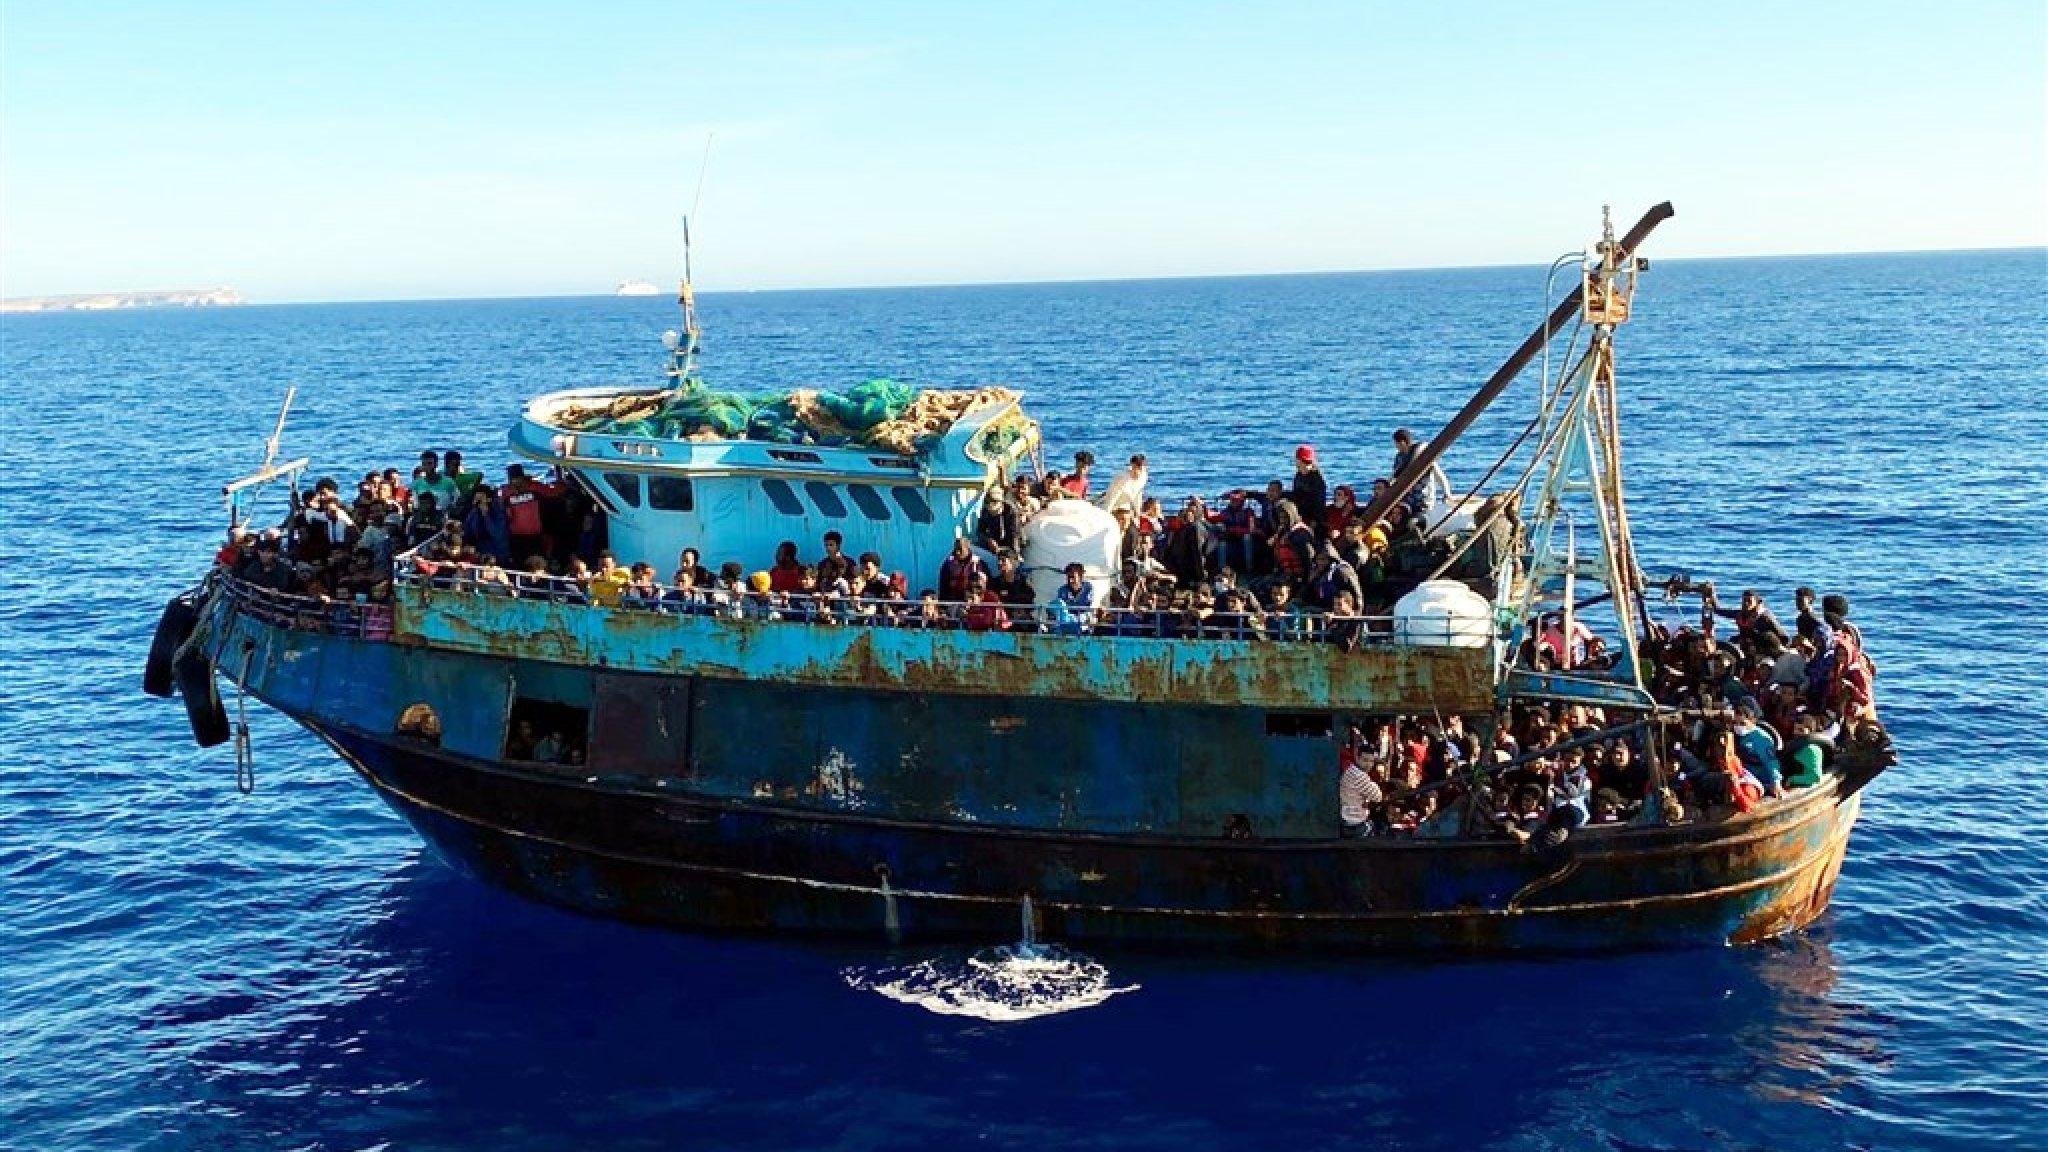 Toestroom migranten Zuid-Europese kusten: 'Weinig perspectief door corona'